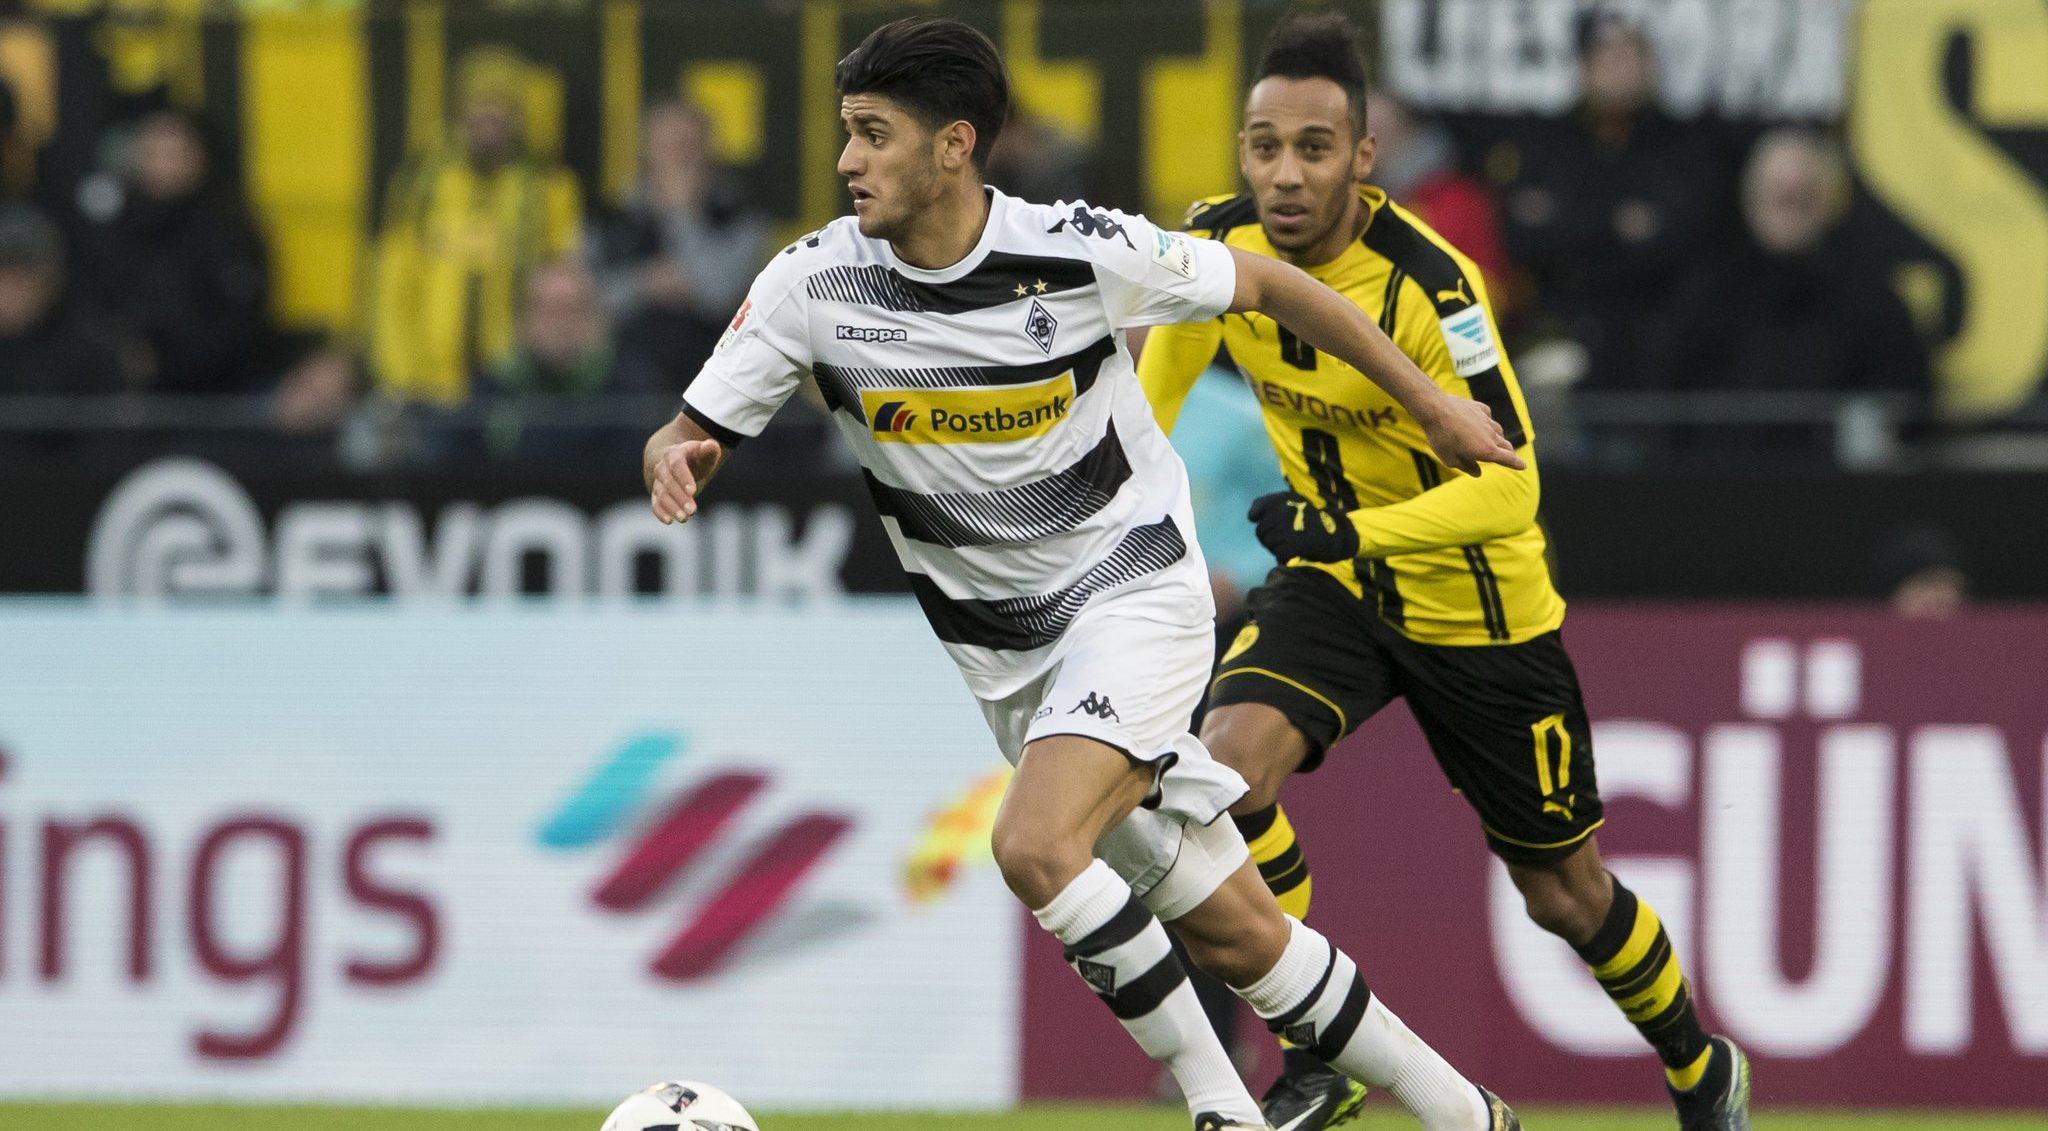 OFICIAL: Borussia Dortmund ficha al alemán Mahmoud Dahoud